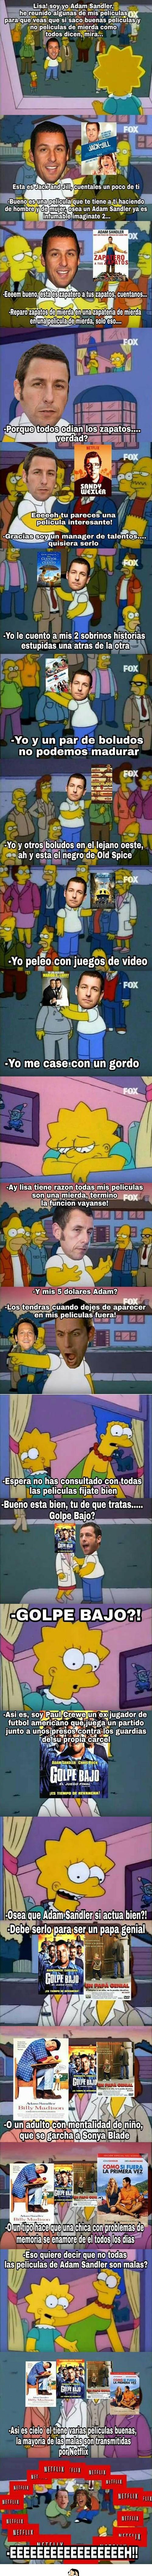 meme de adam sandler con el resumen de todas sus peliculas